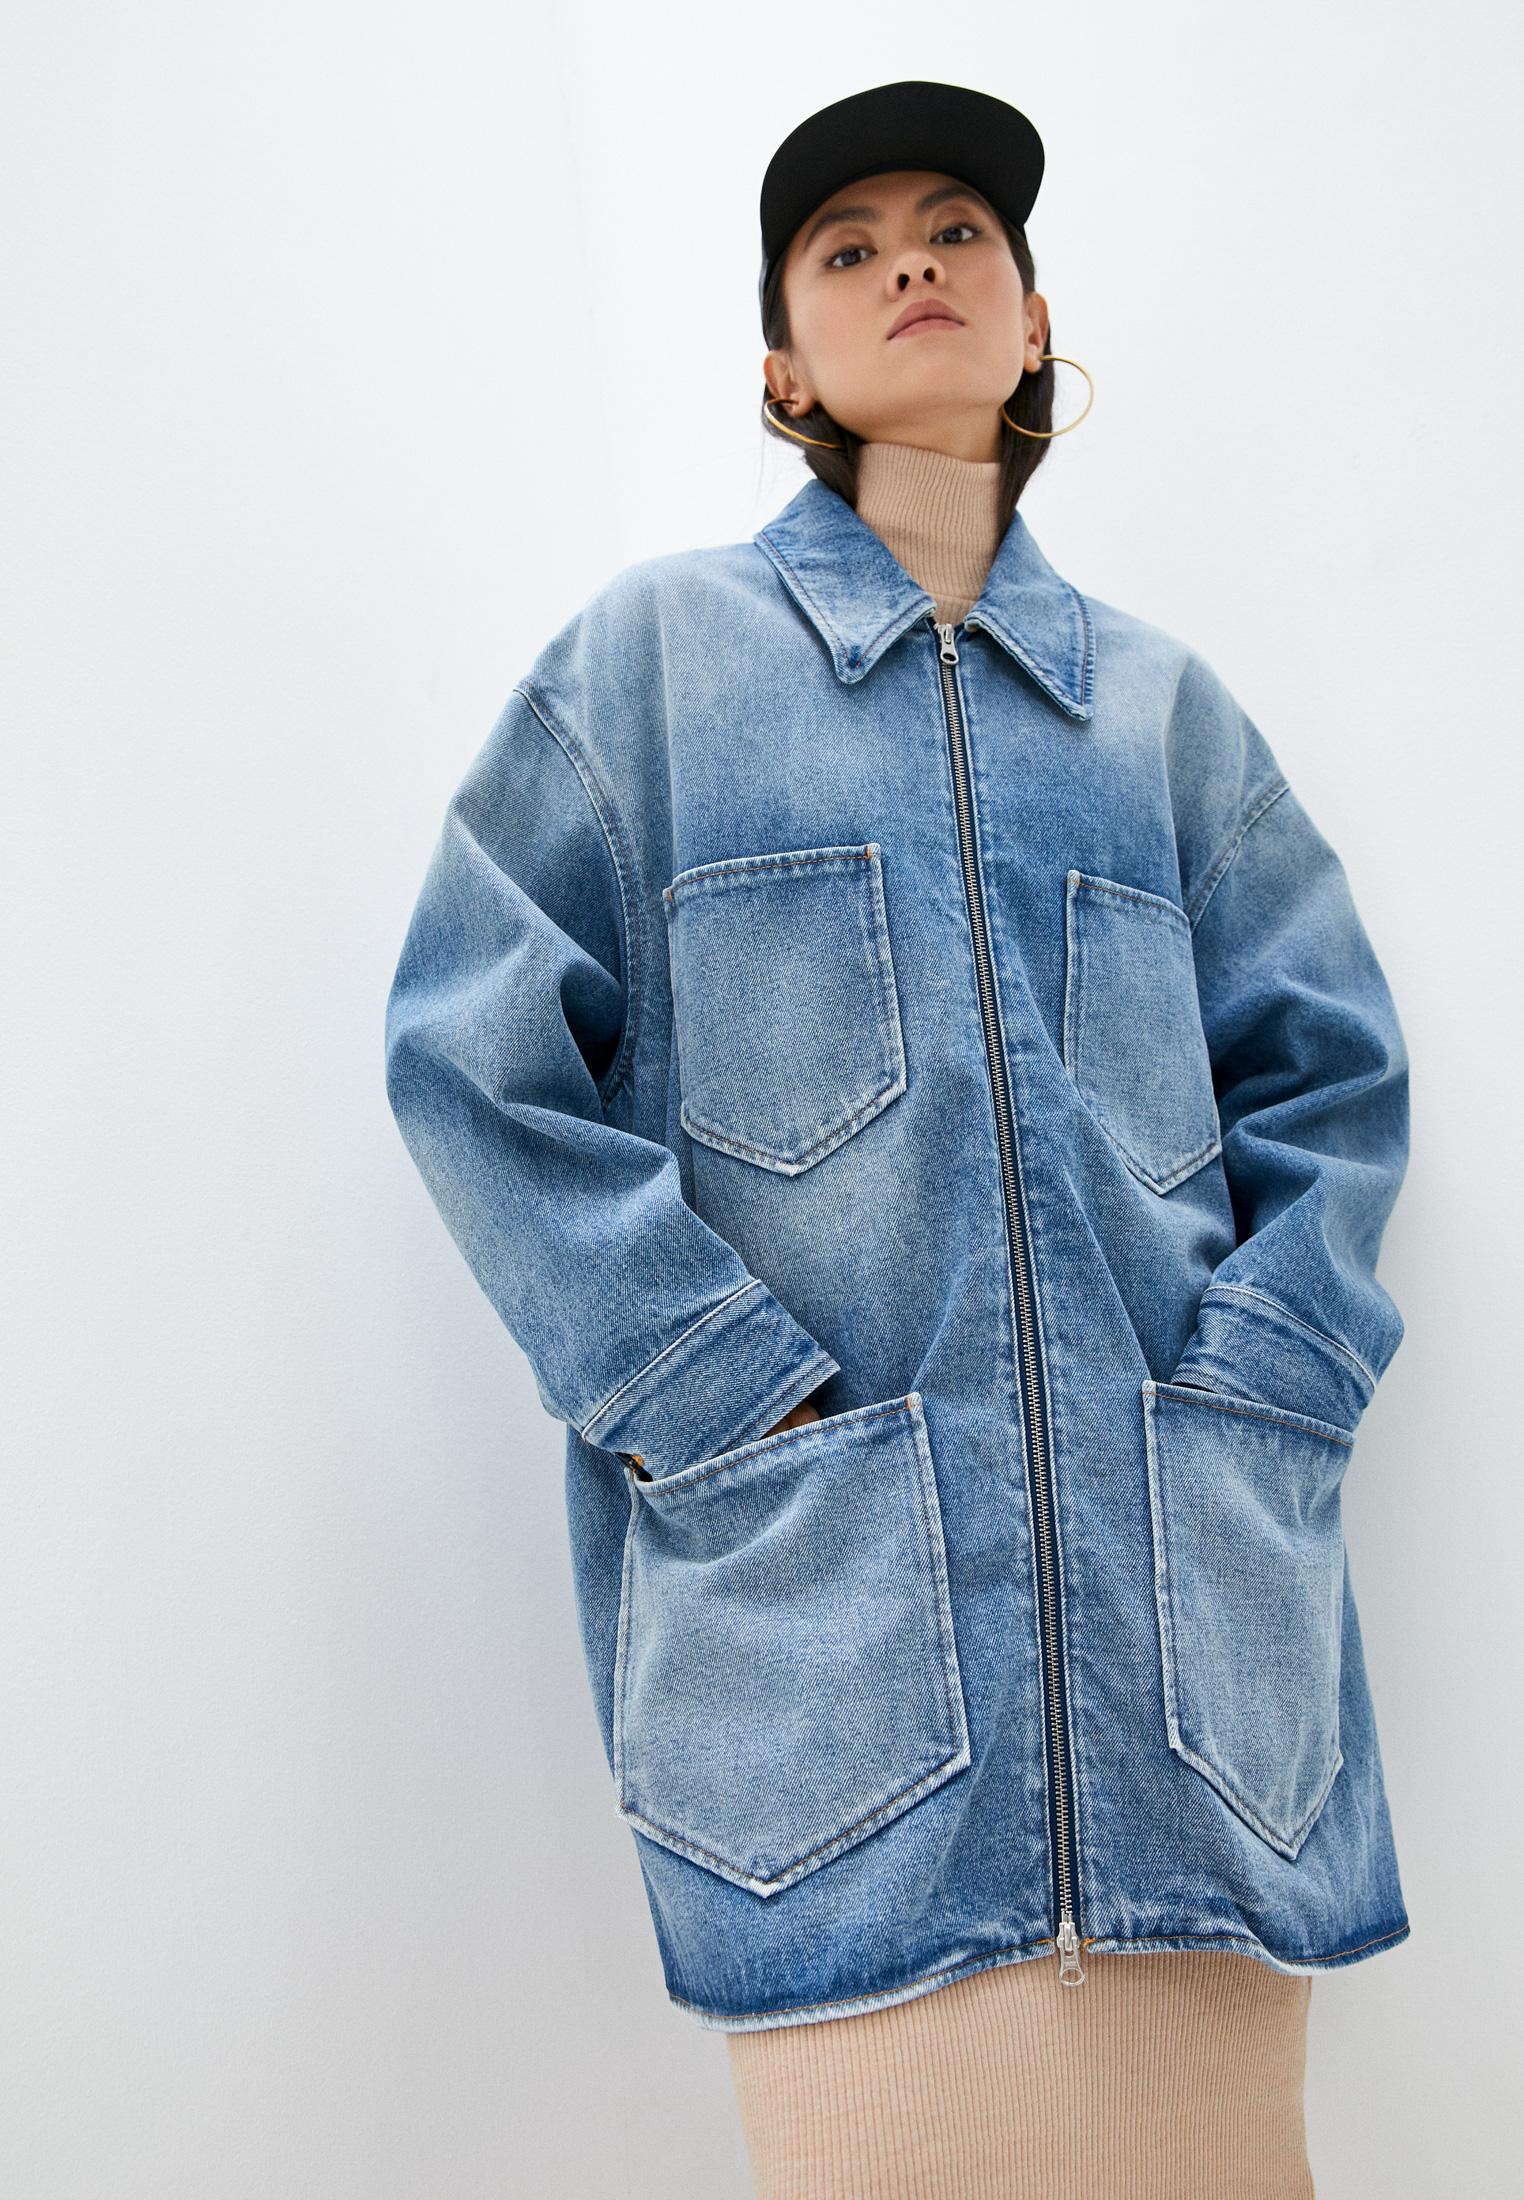 Джинсовая куртка MM6 Maison Margiela Куртка джинсовая MM6 Maison Margiela